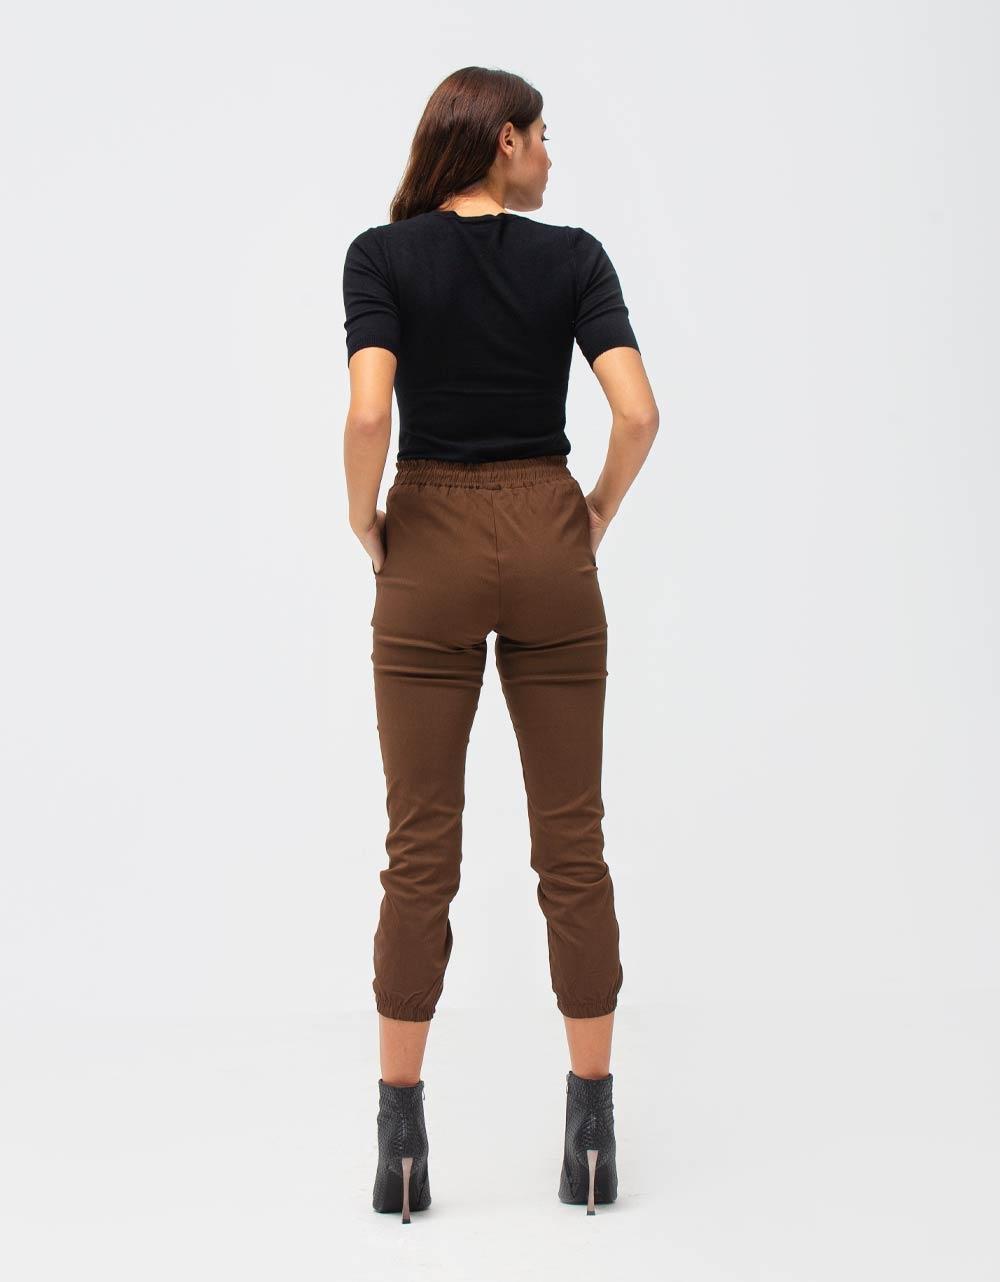 Εικόνα από Γυναικεία μπλούζα σε απλή γραμμή Μαύρο